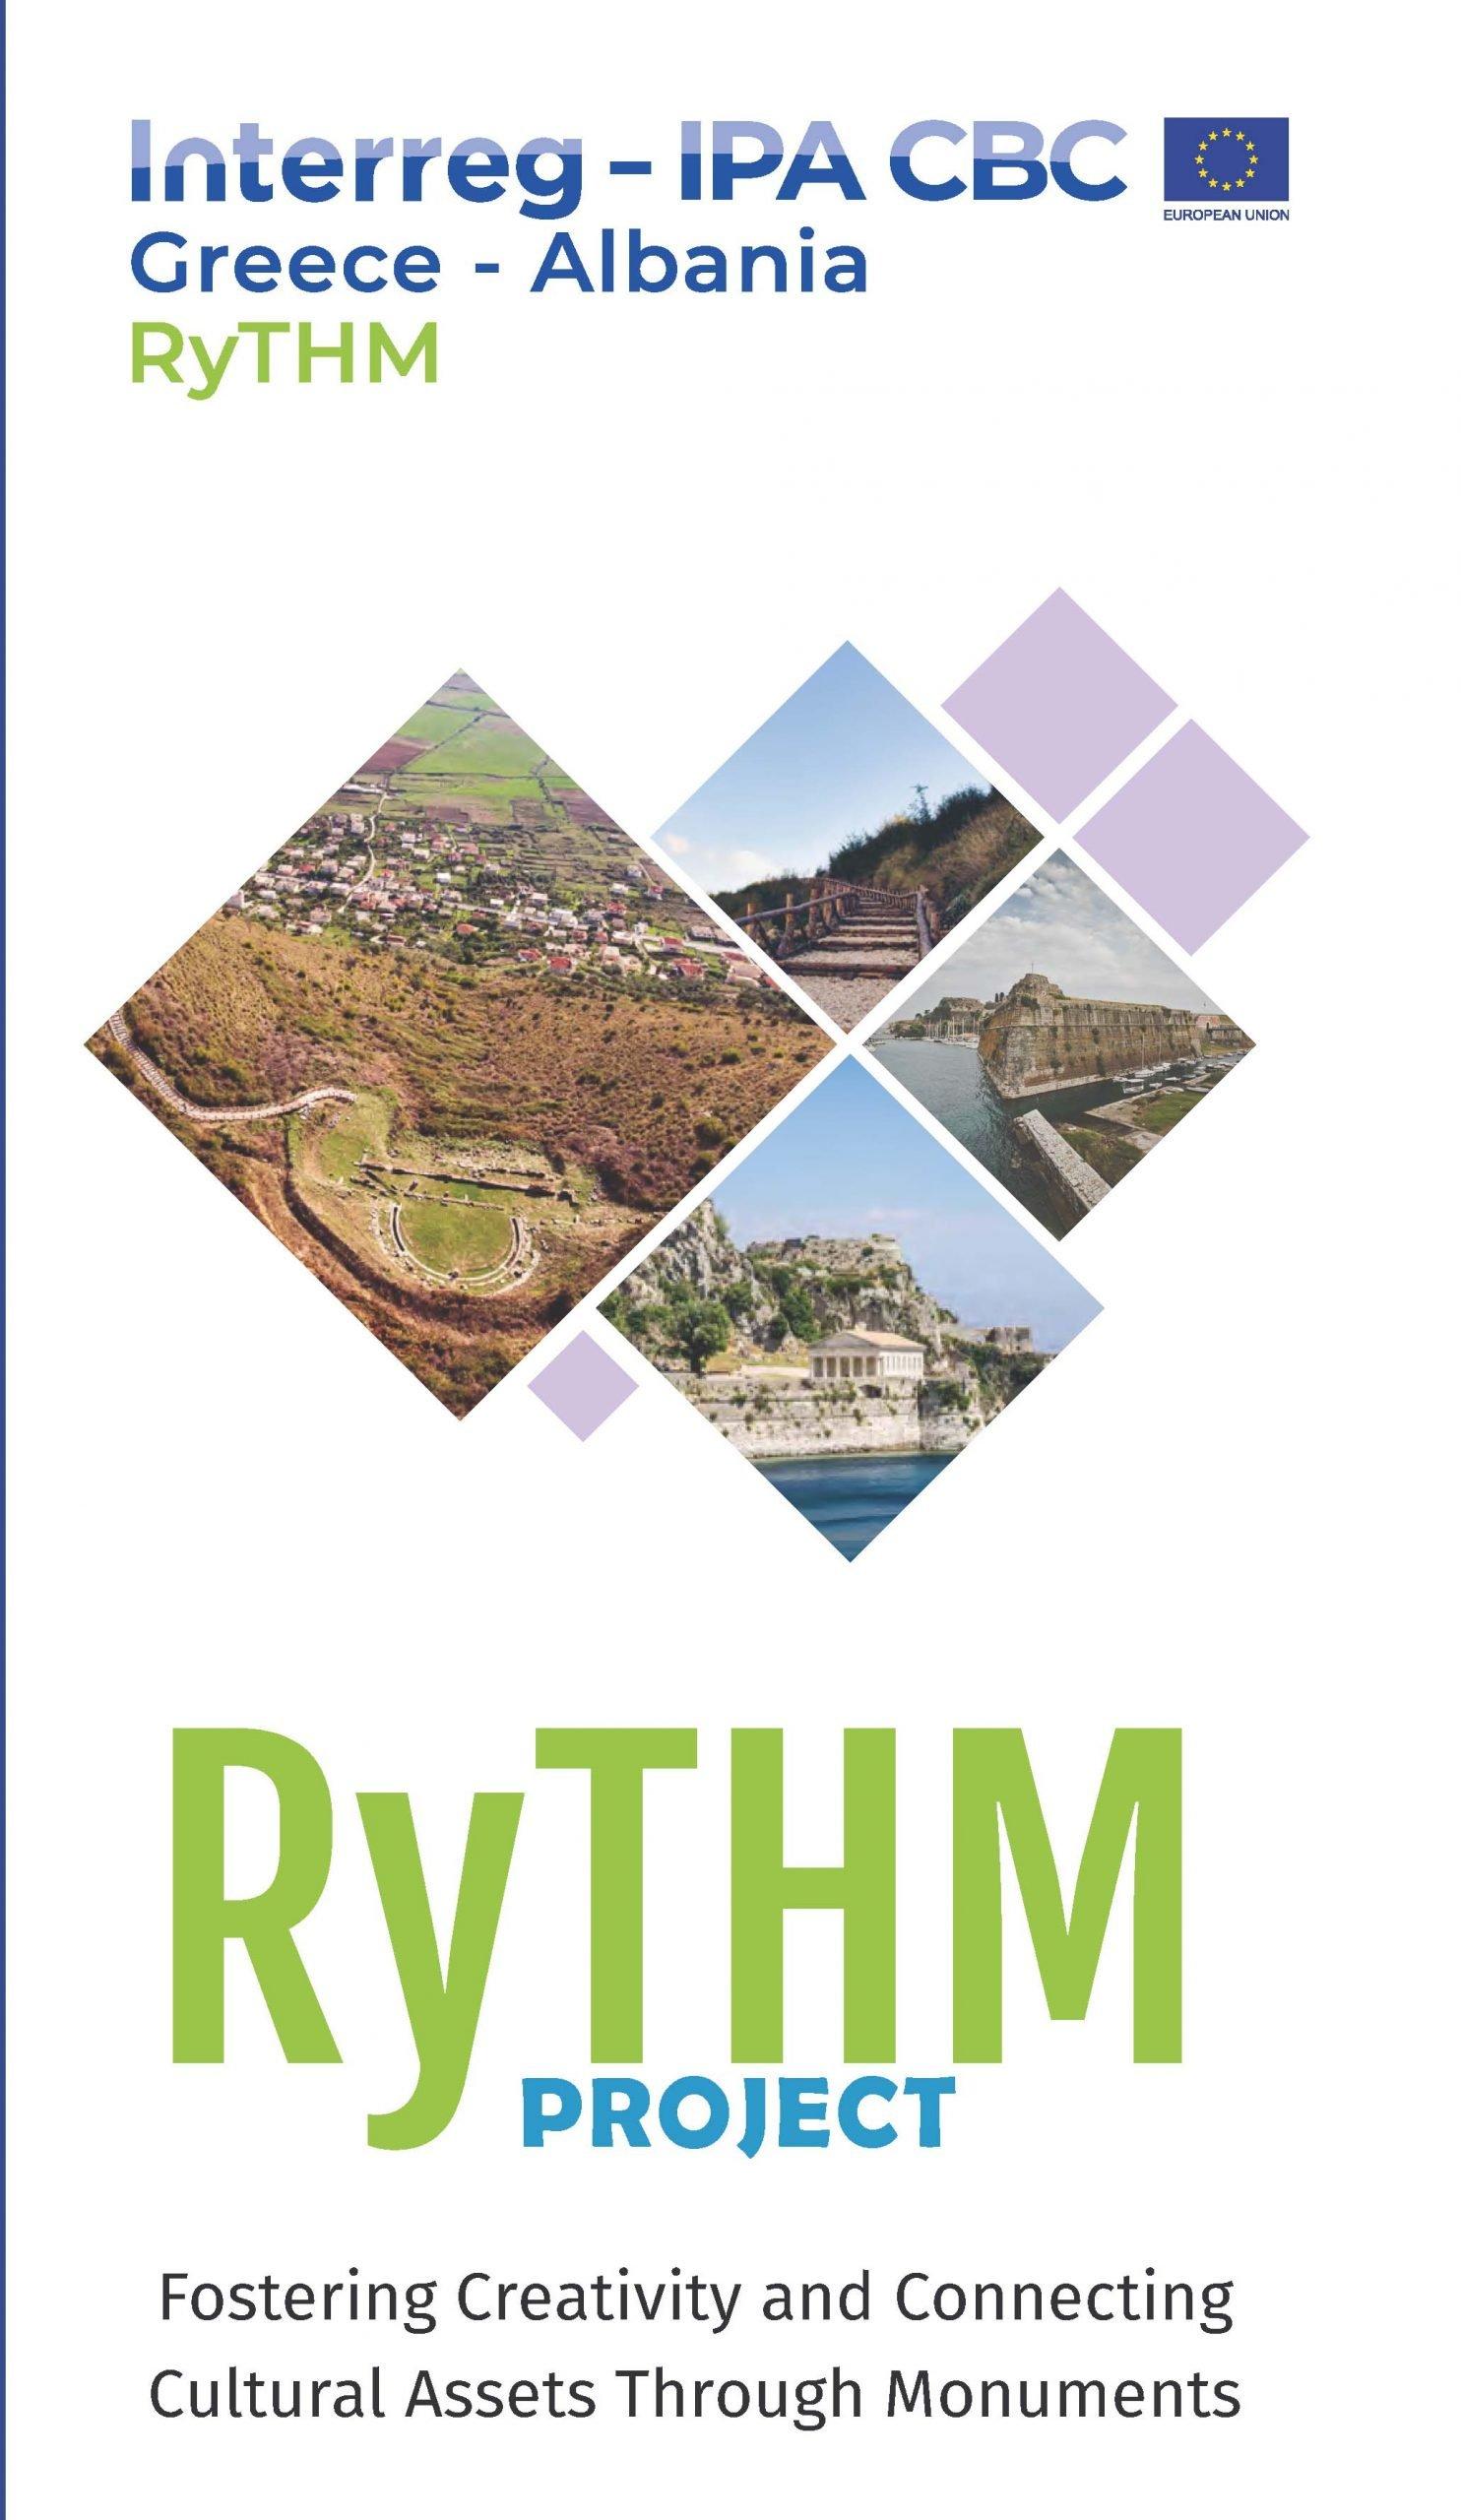 Rythm Project